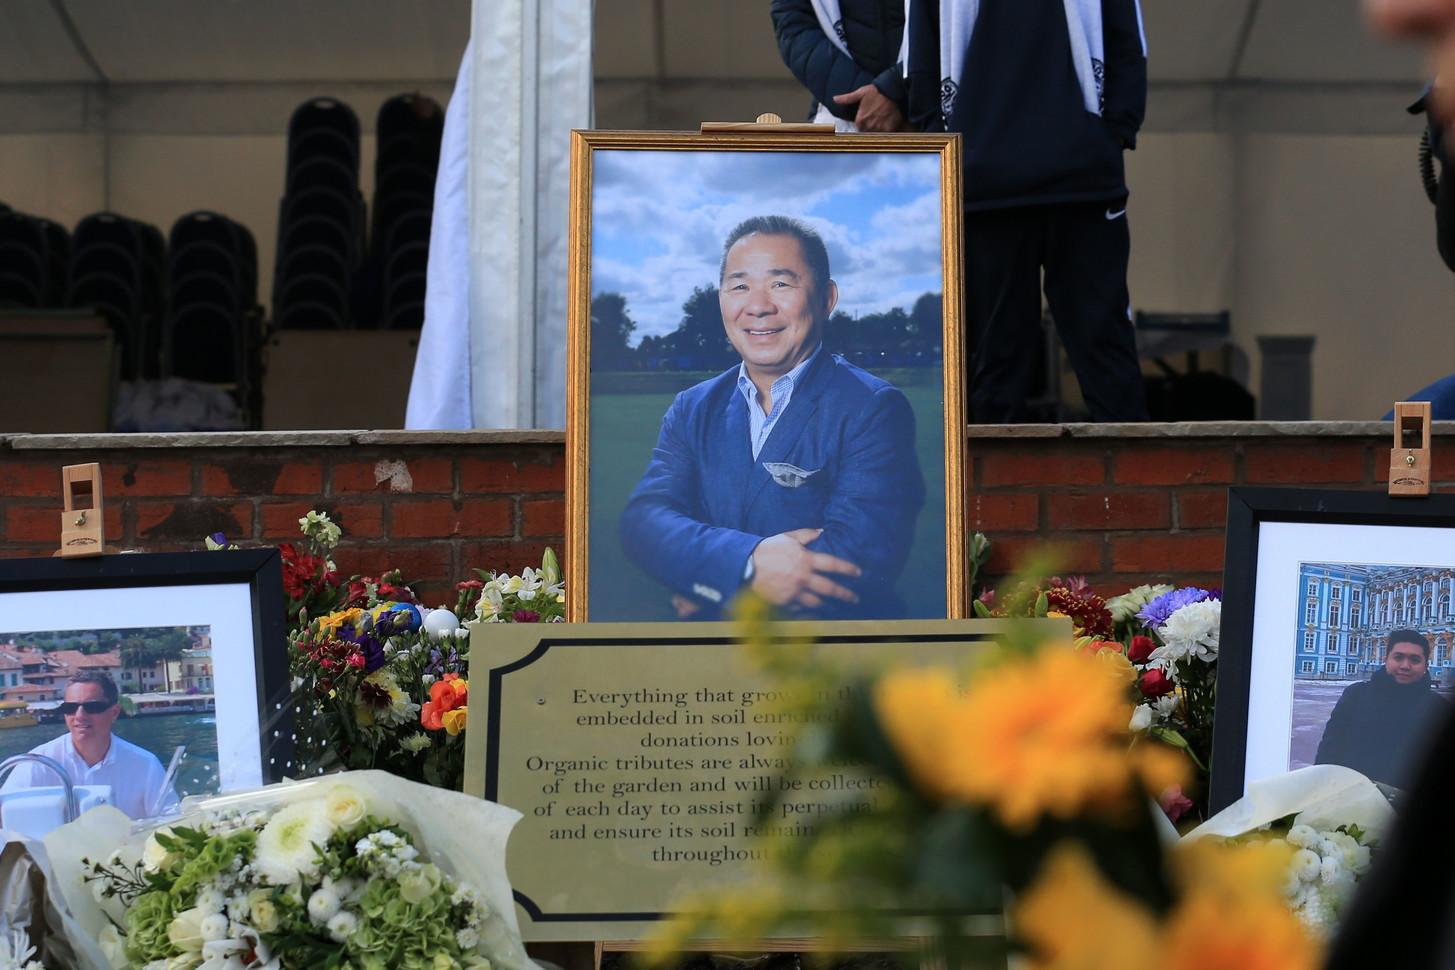 28 ottobre 2018:Vichai Srivaddhanaprabha, patron del Leicester, muore in un incidente in elicottero assieme ad altre 4 persone